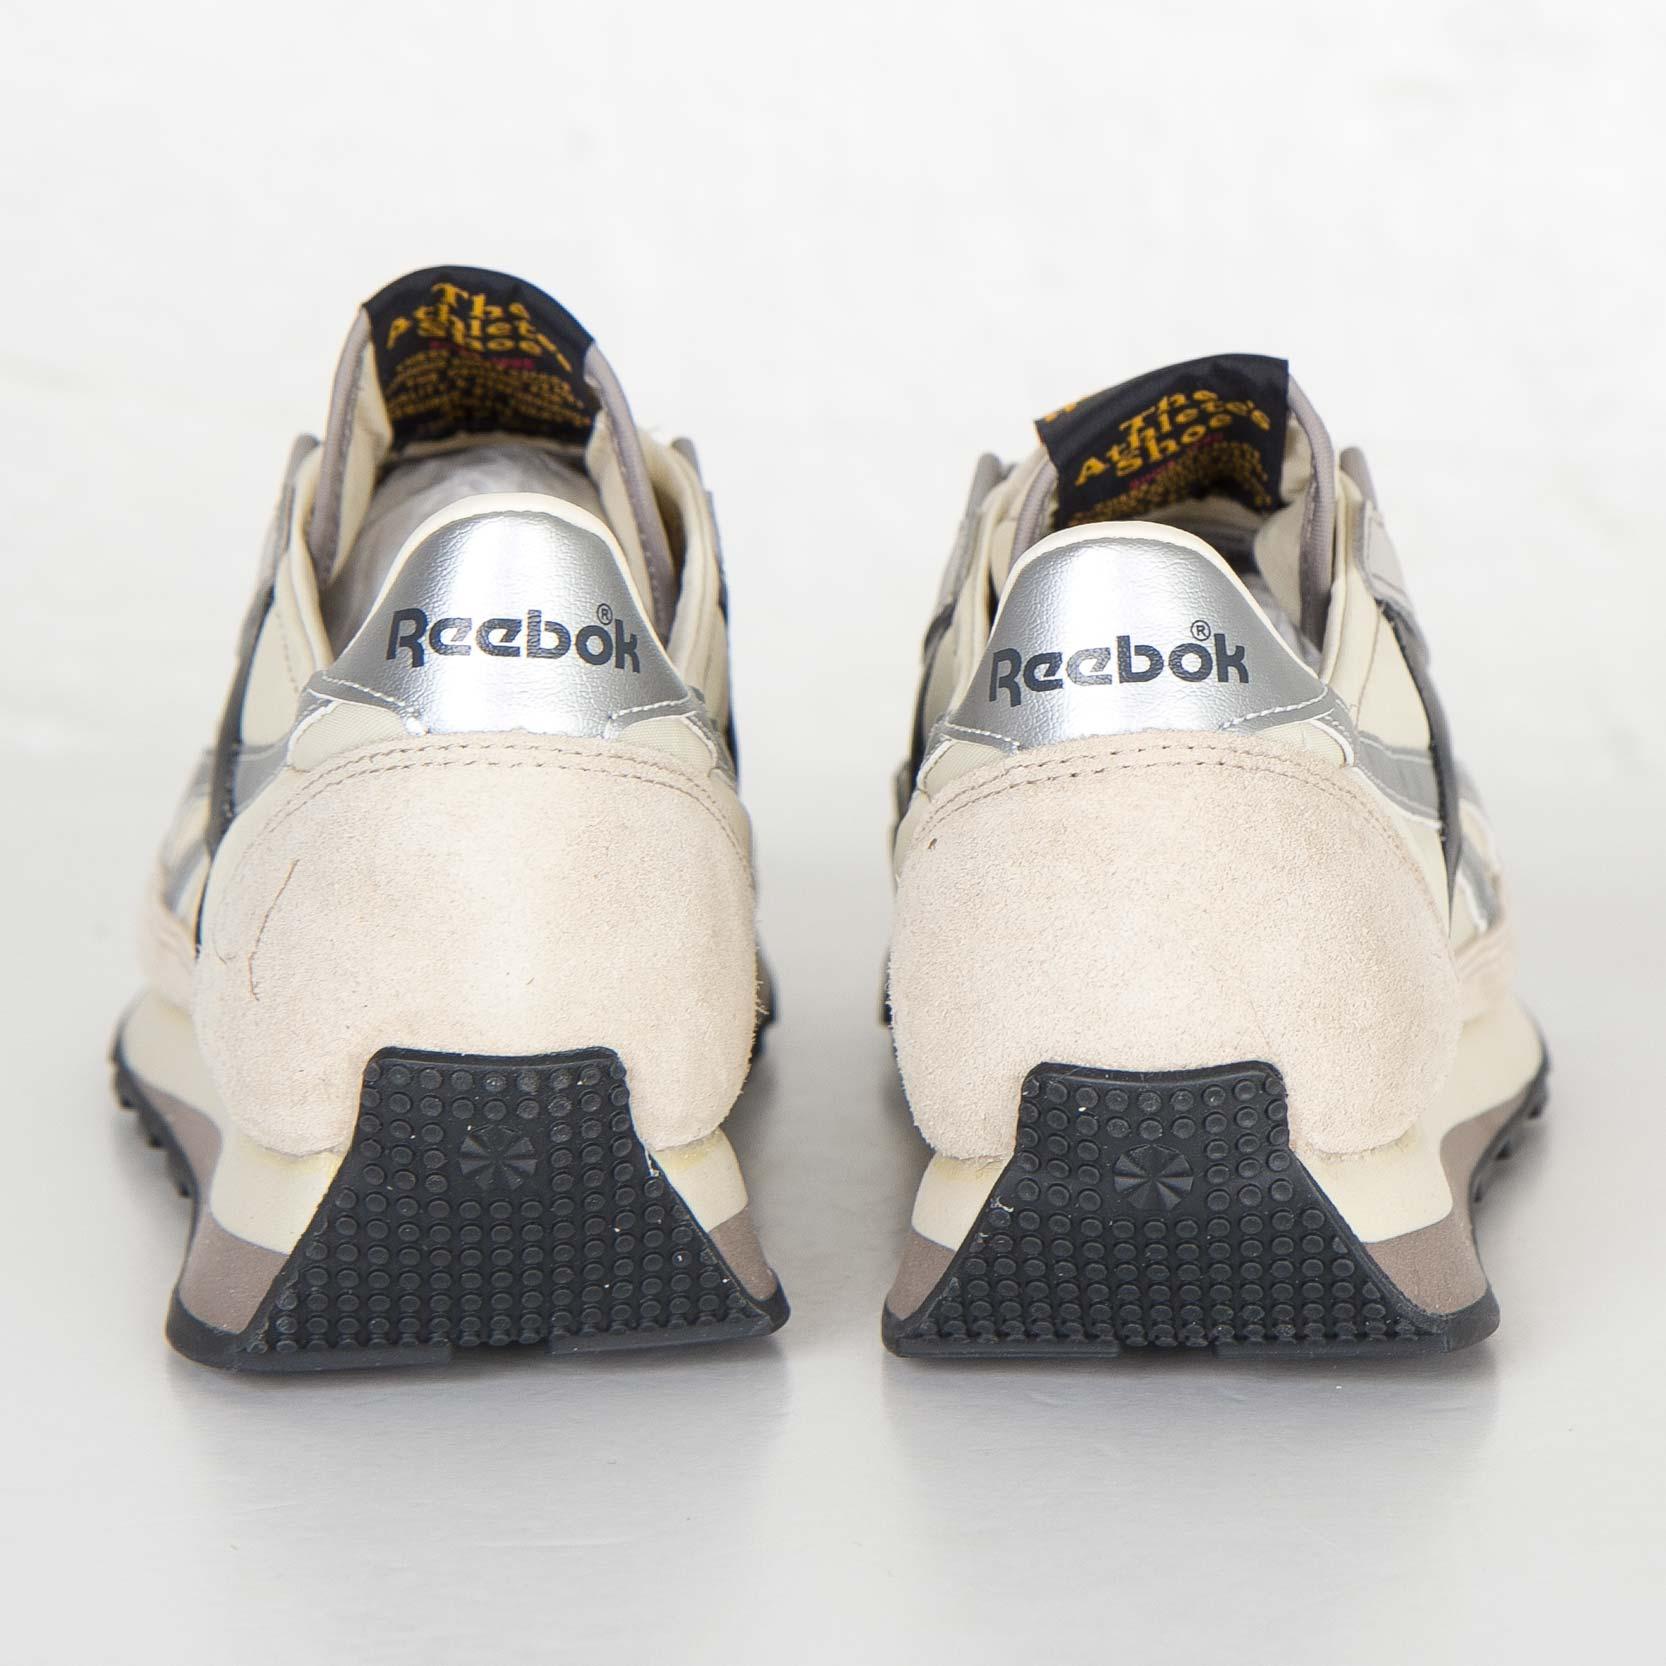 53e02489be0cd Reebok Aztec OG - V70614 - Sneakersnstuff